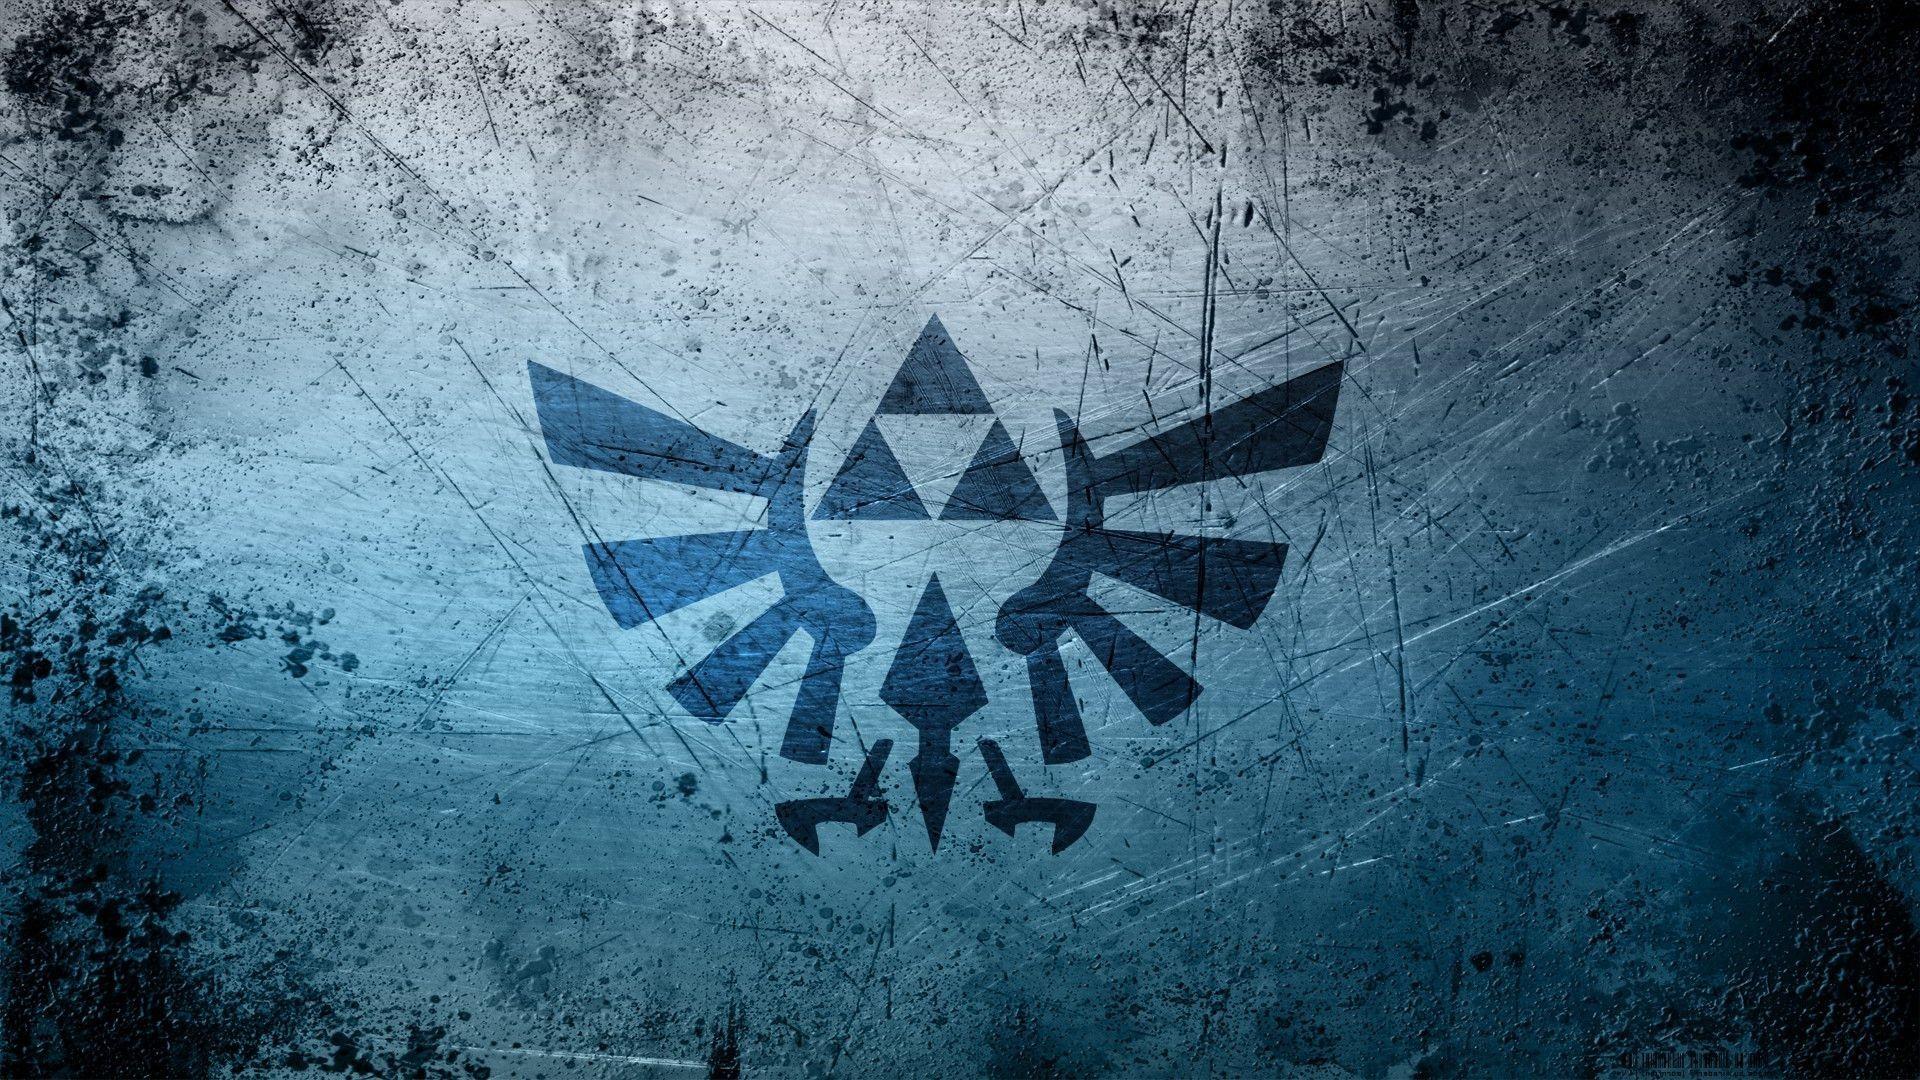 Zelda Triforce Wallpapers – Wallpaper Cave